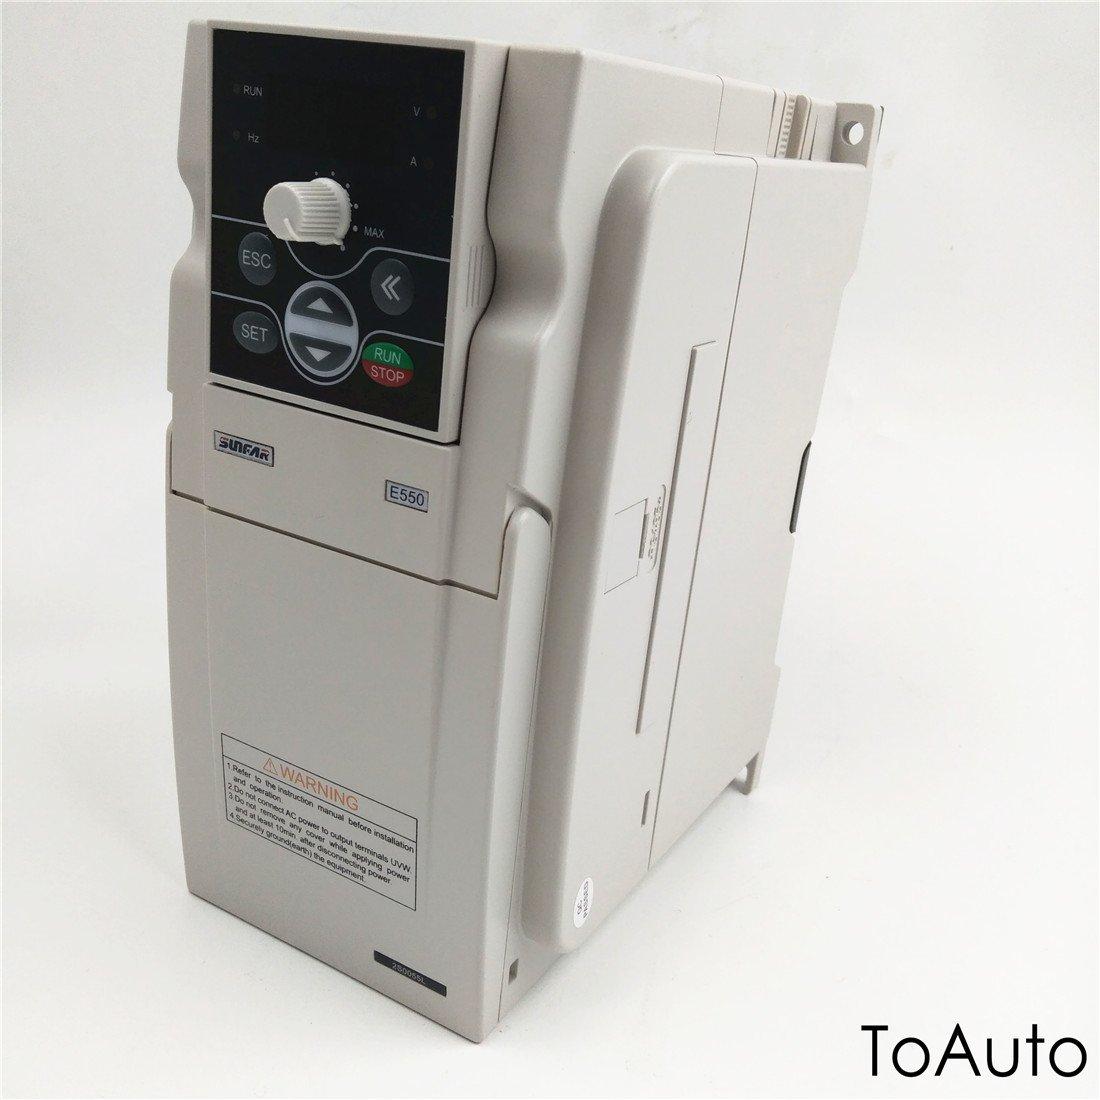 Inverter VFD 5.5KW Spindle Motor Speed Controller 1 phase 220V 24A 1000Hz for CNC Lathe Engraving Milling